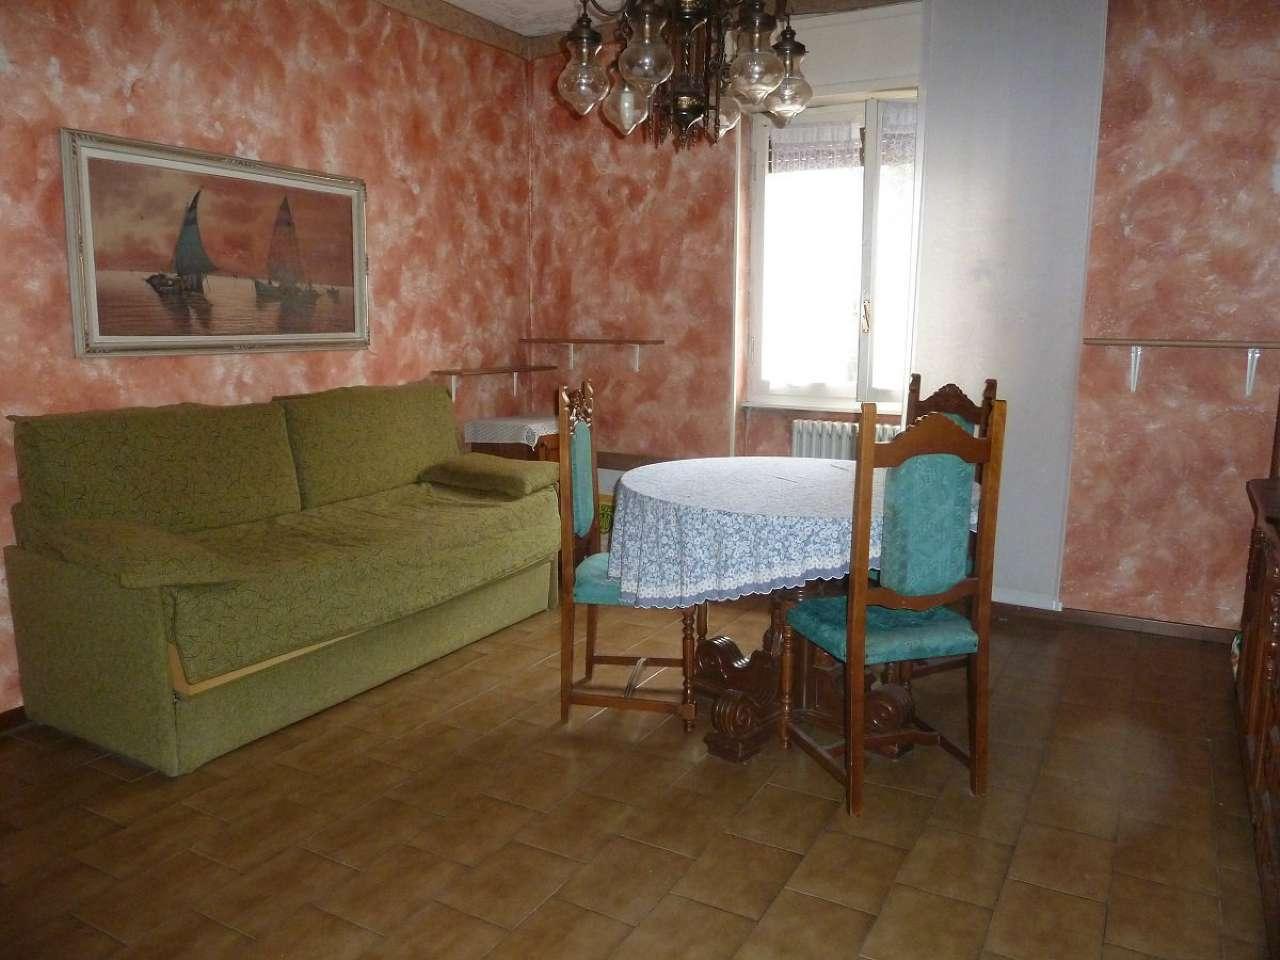 Appartamento in vendita a Limbiate, 2 locali, prezzo € 47.000 | CambioCasa.it